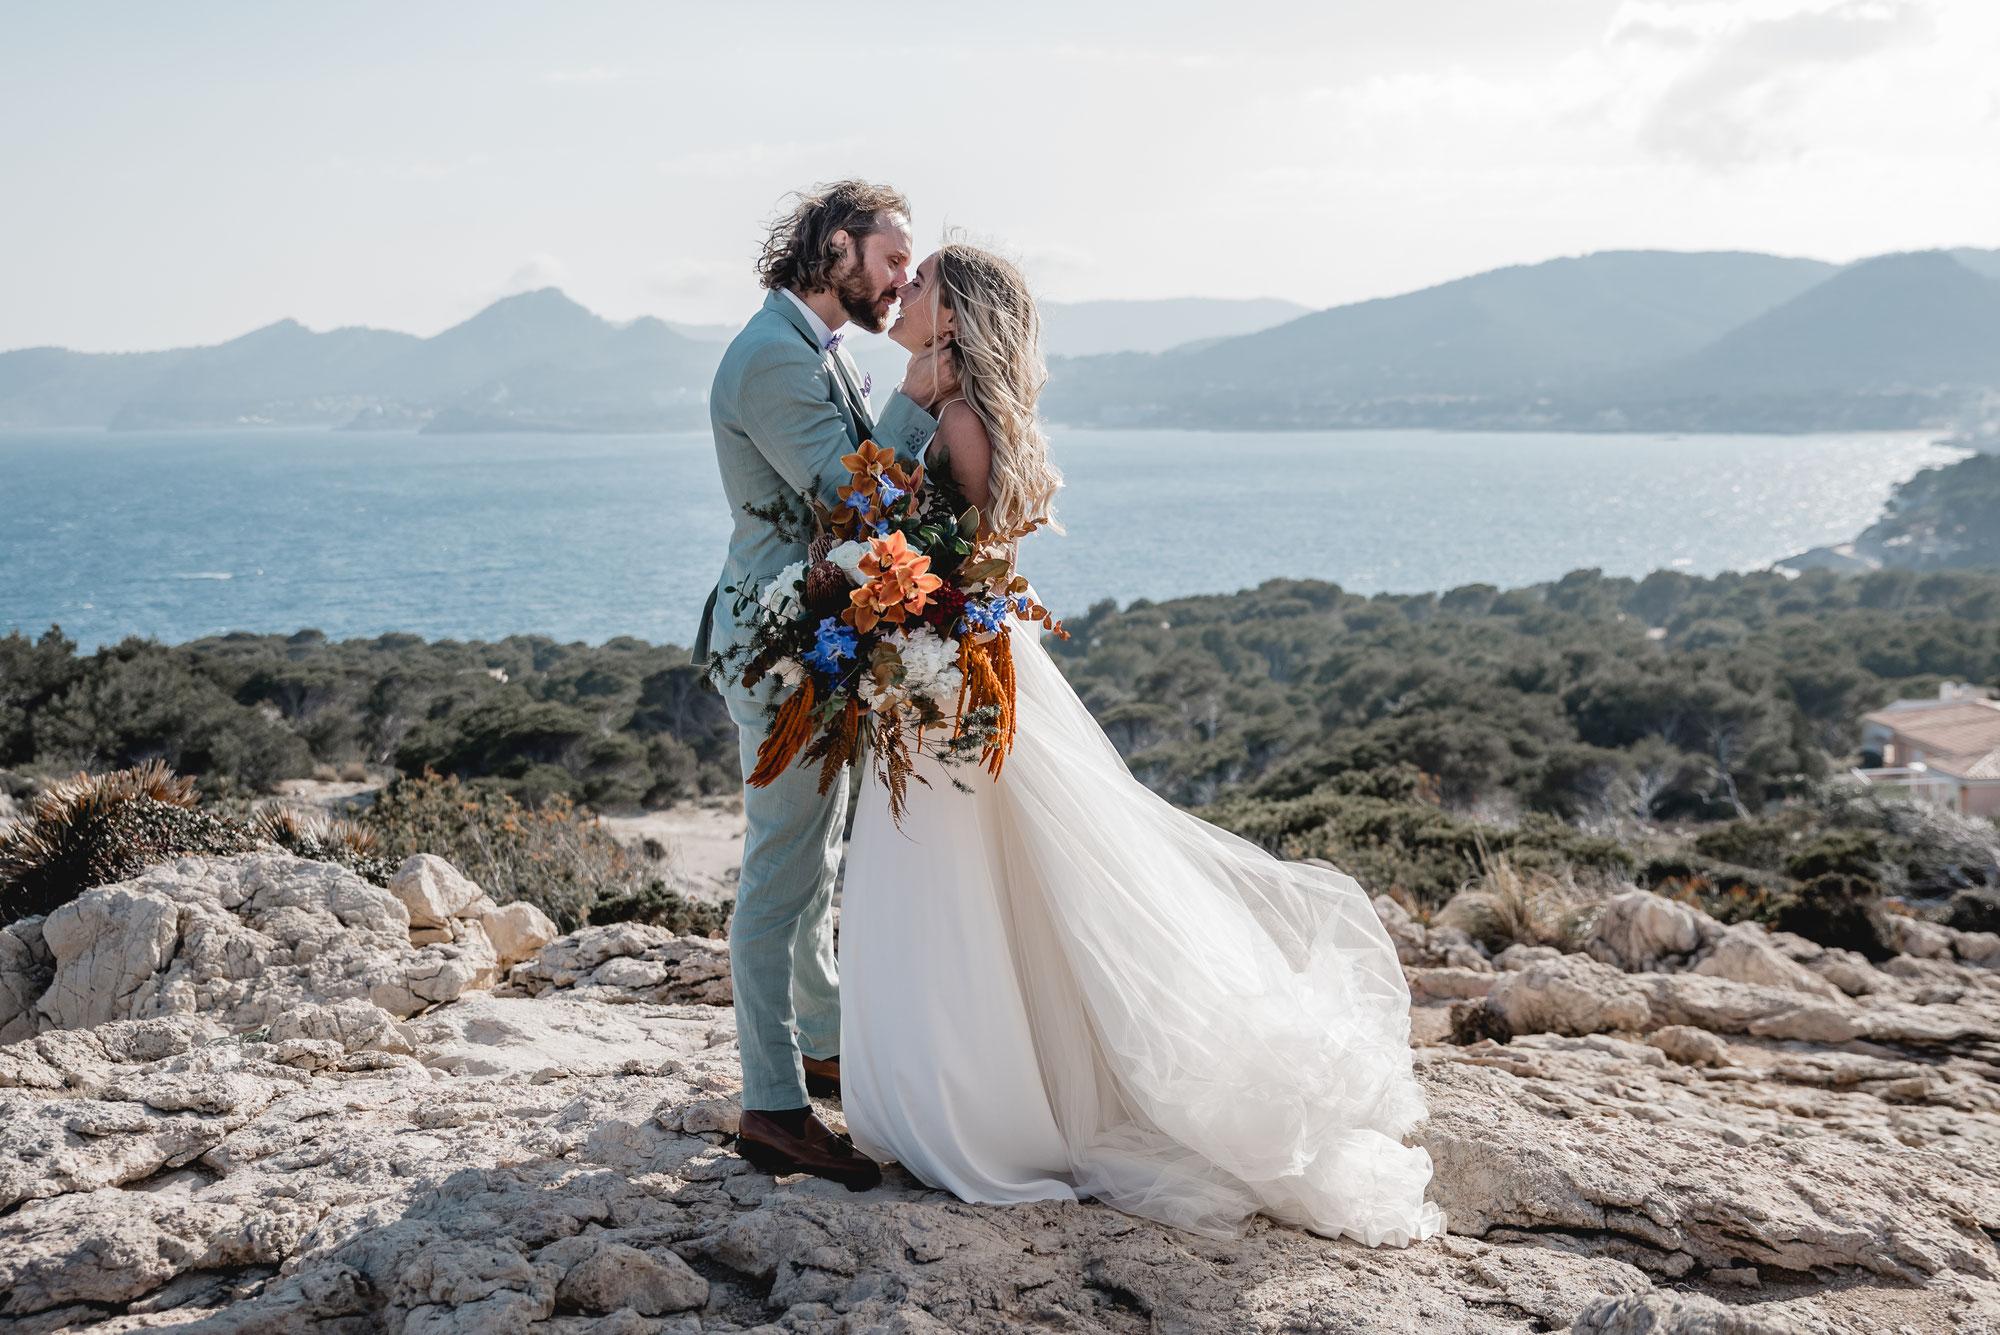 Schuschu & Max - After Wedding Inspiration auf Mallorca